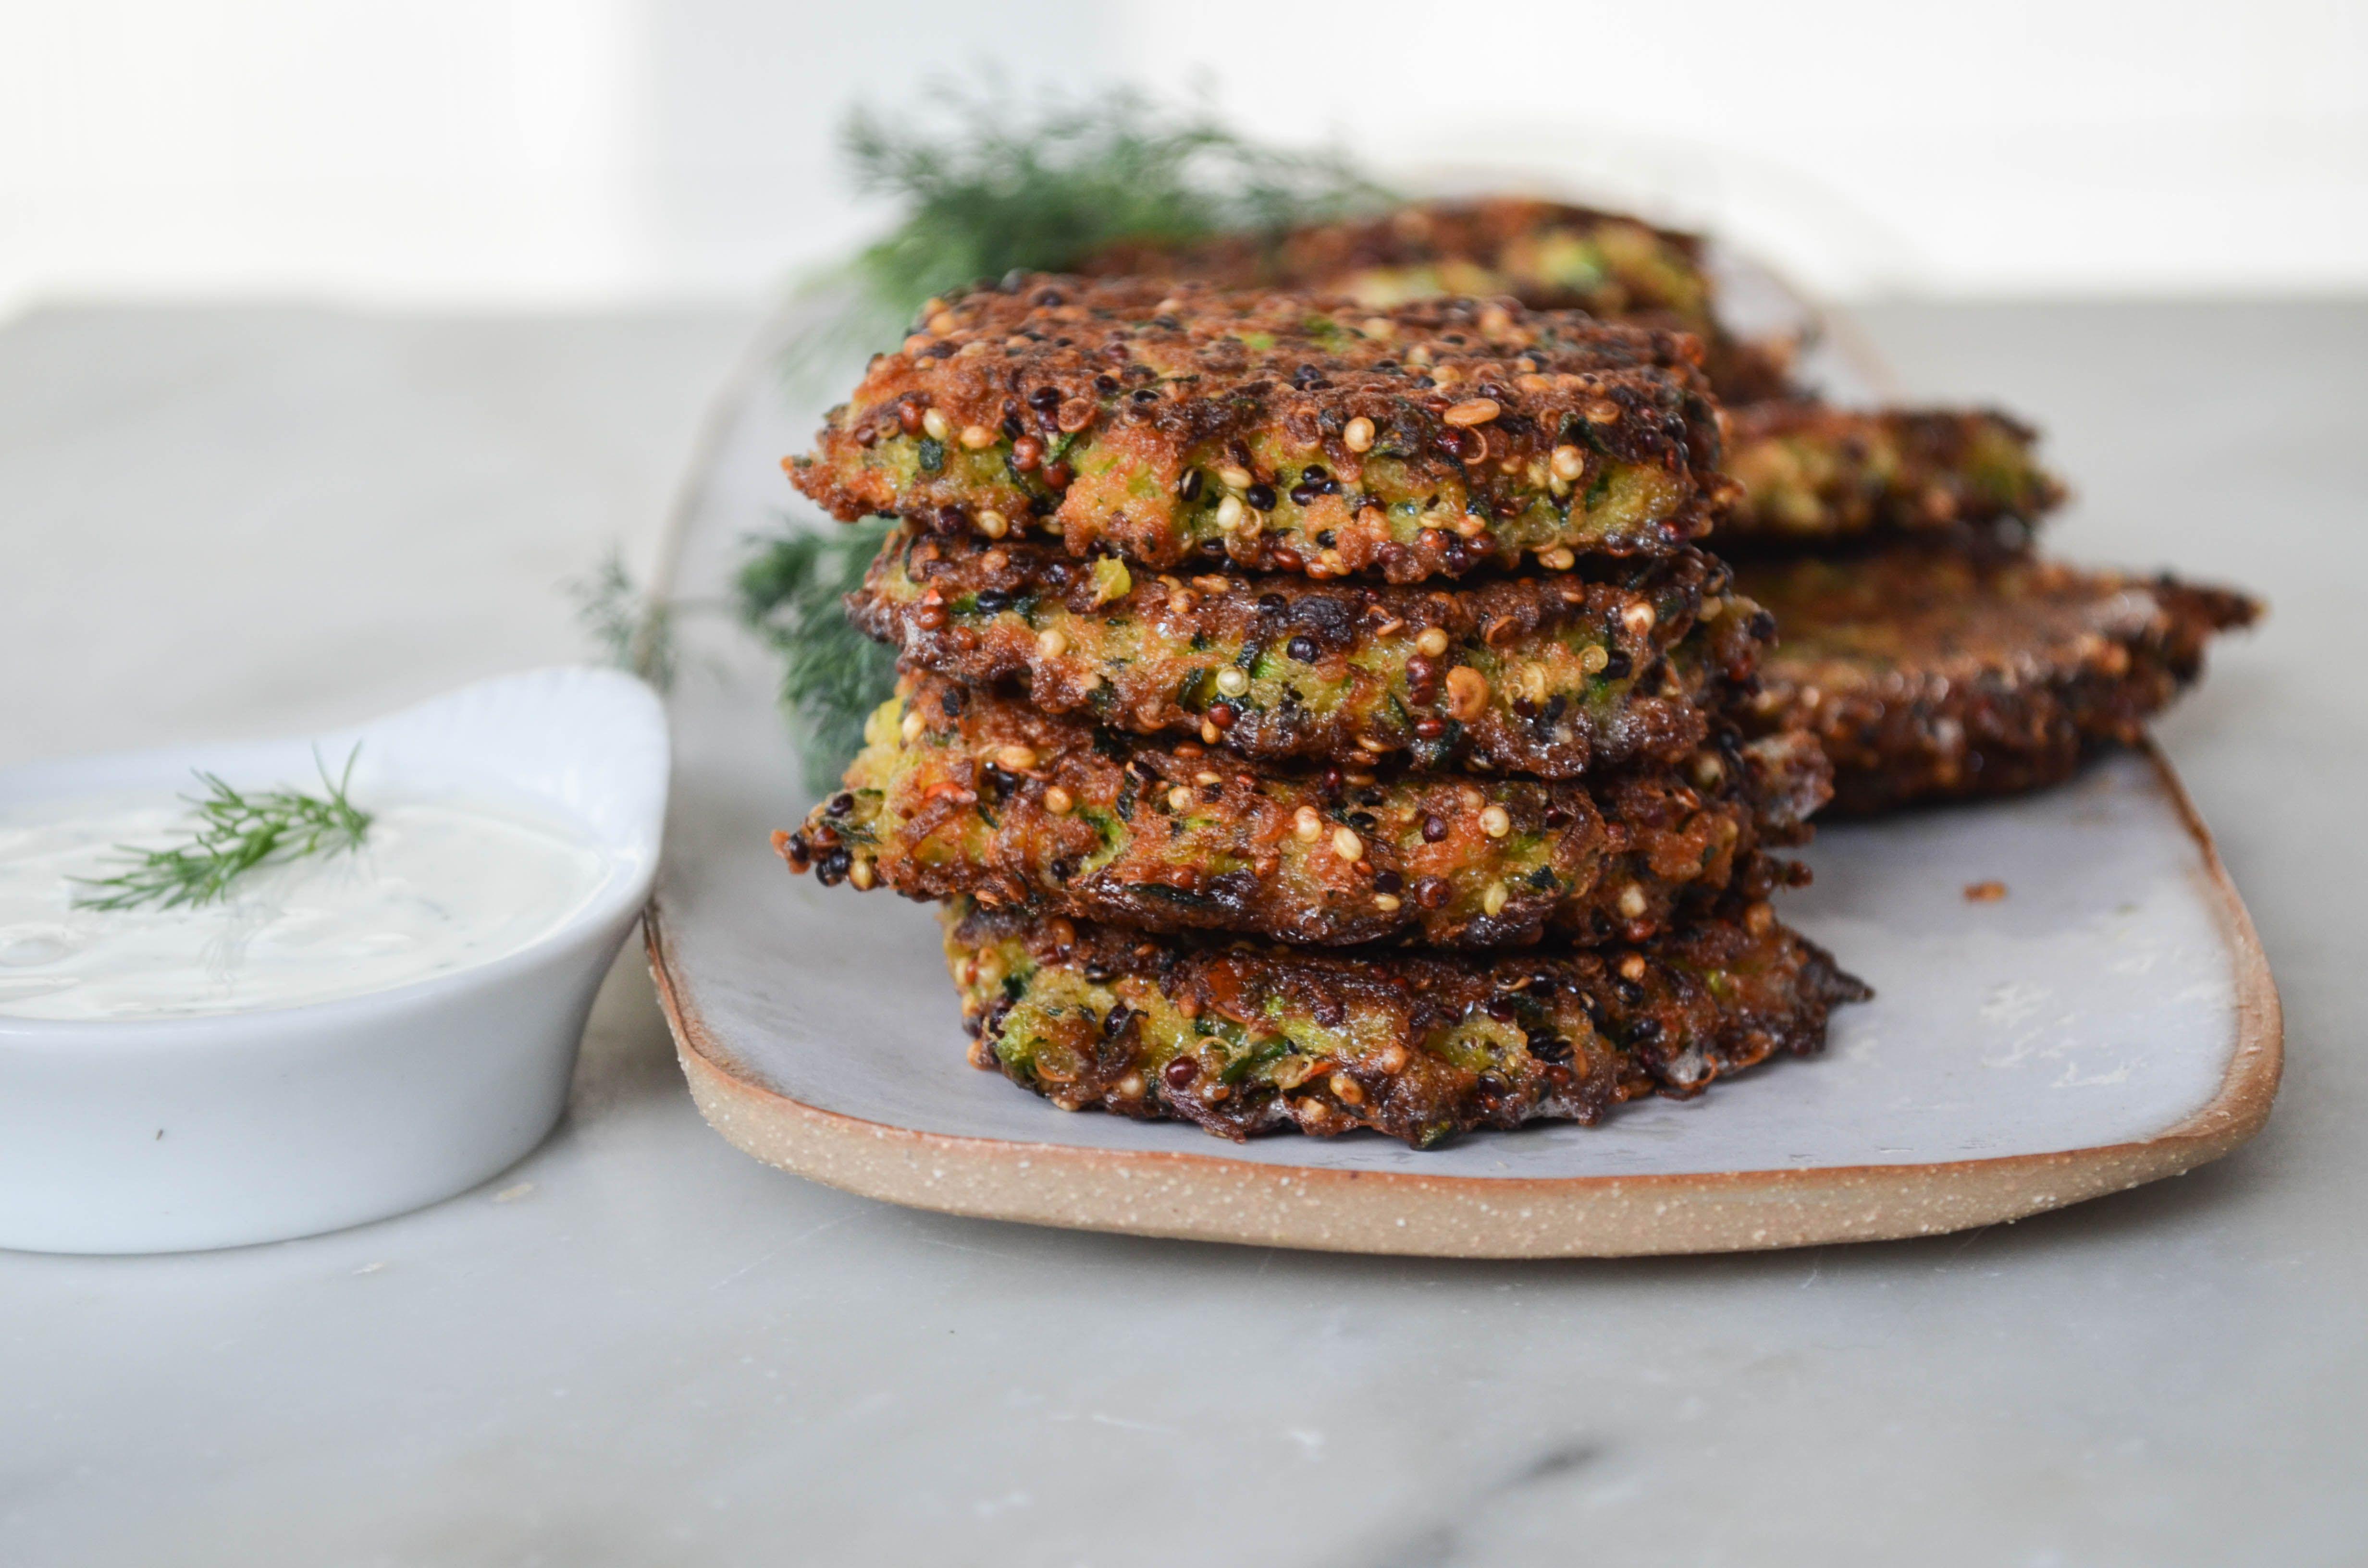 zucchini patties with quinoa recipe